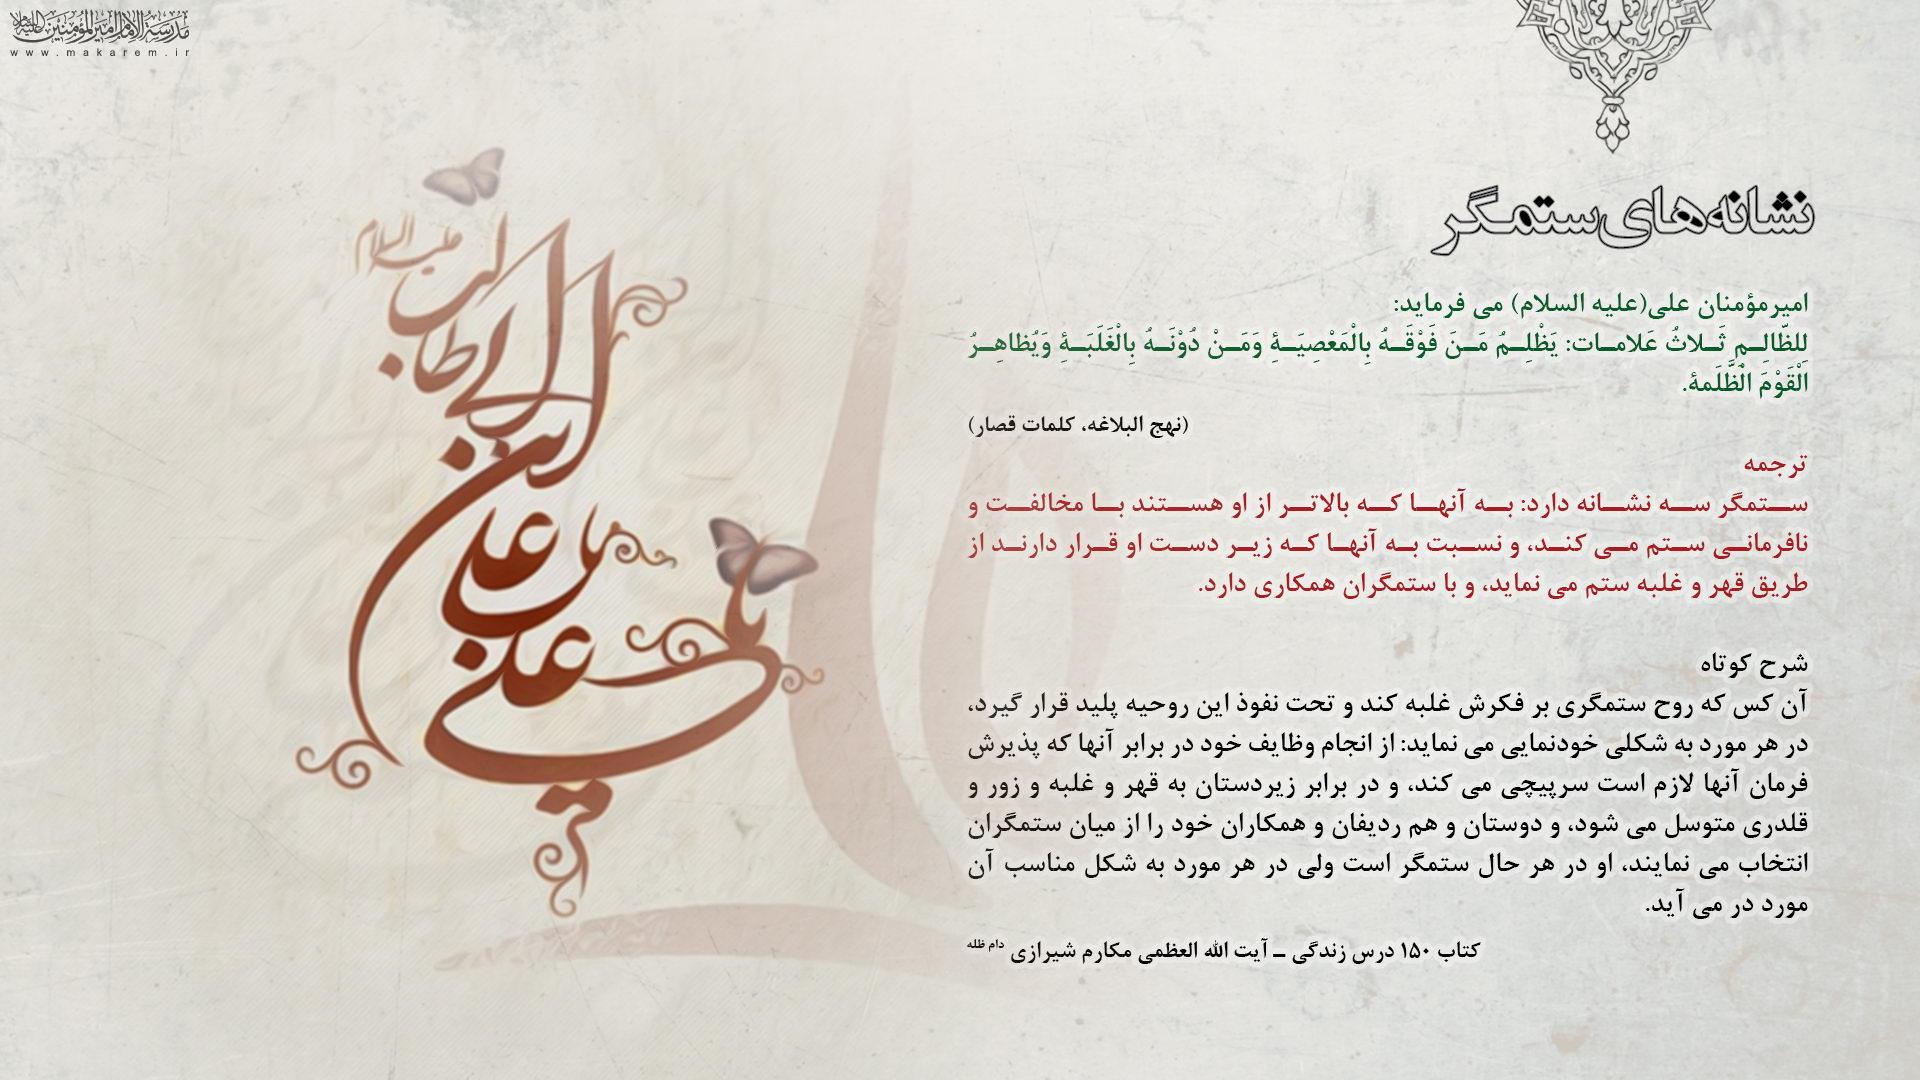 نشانه های ستمگر-مدرسه الامام امیر المومنین (ع)